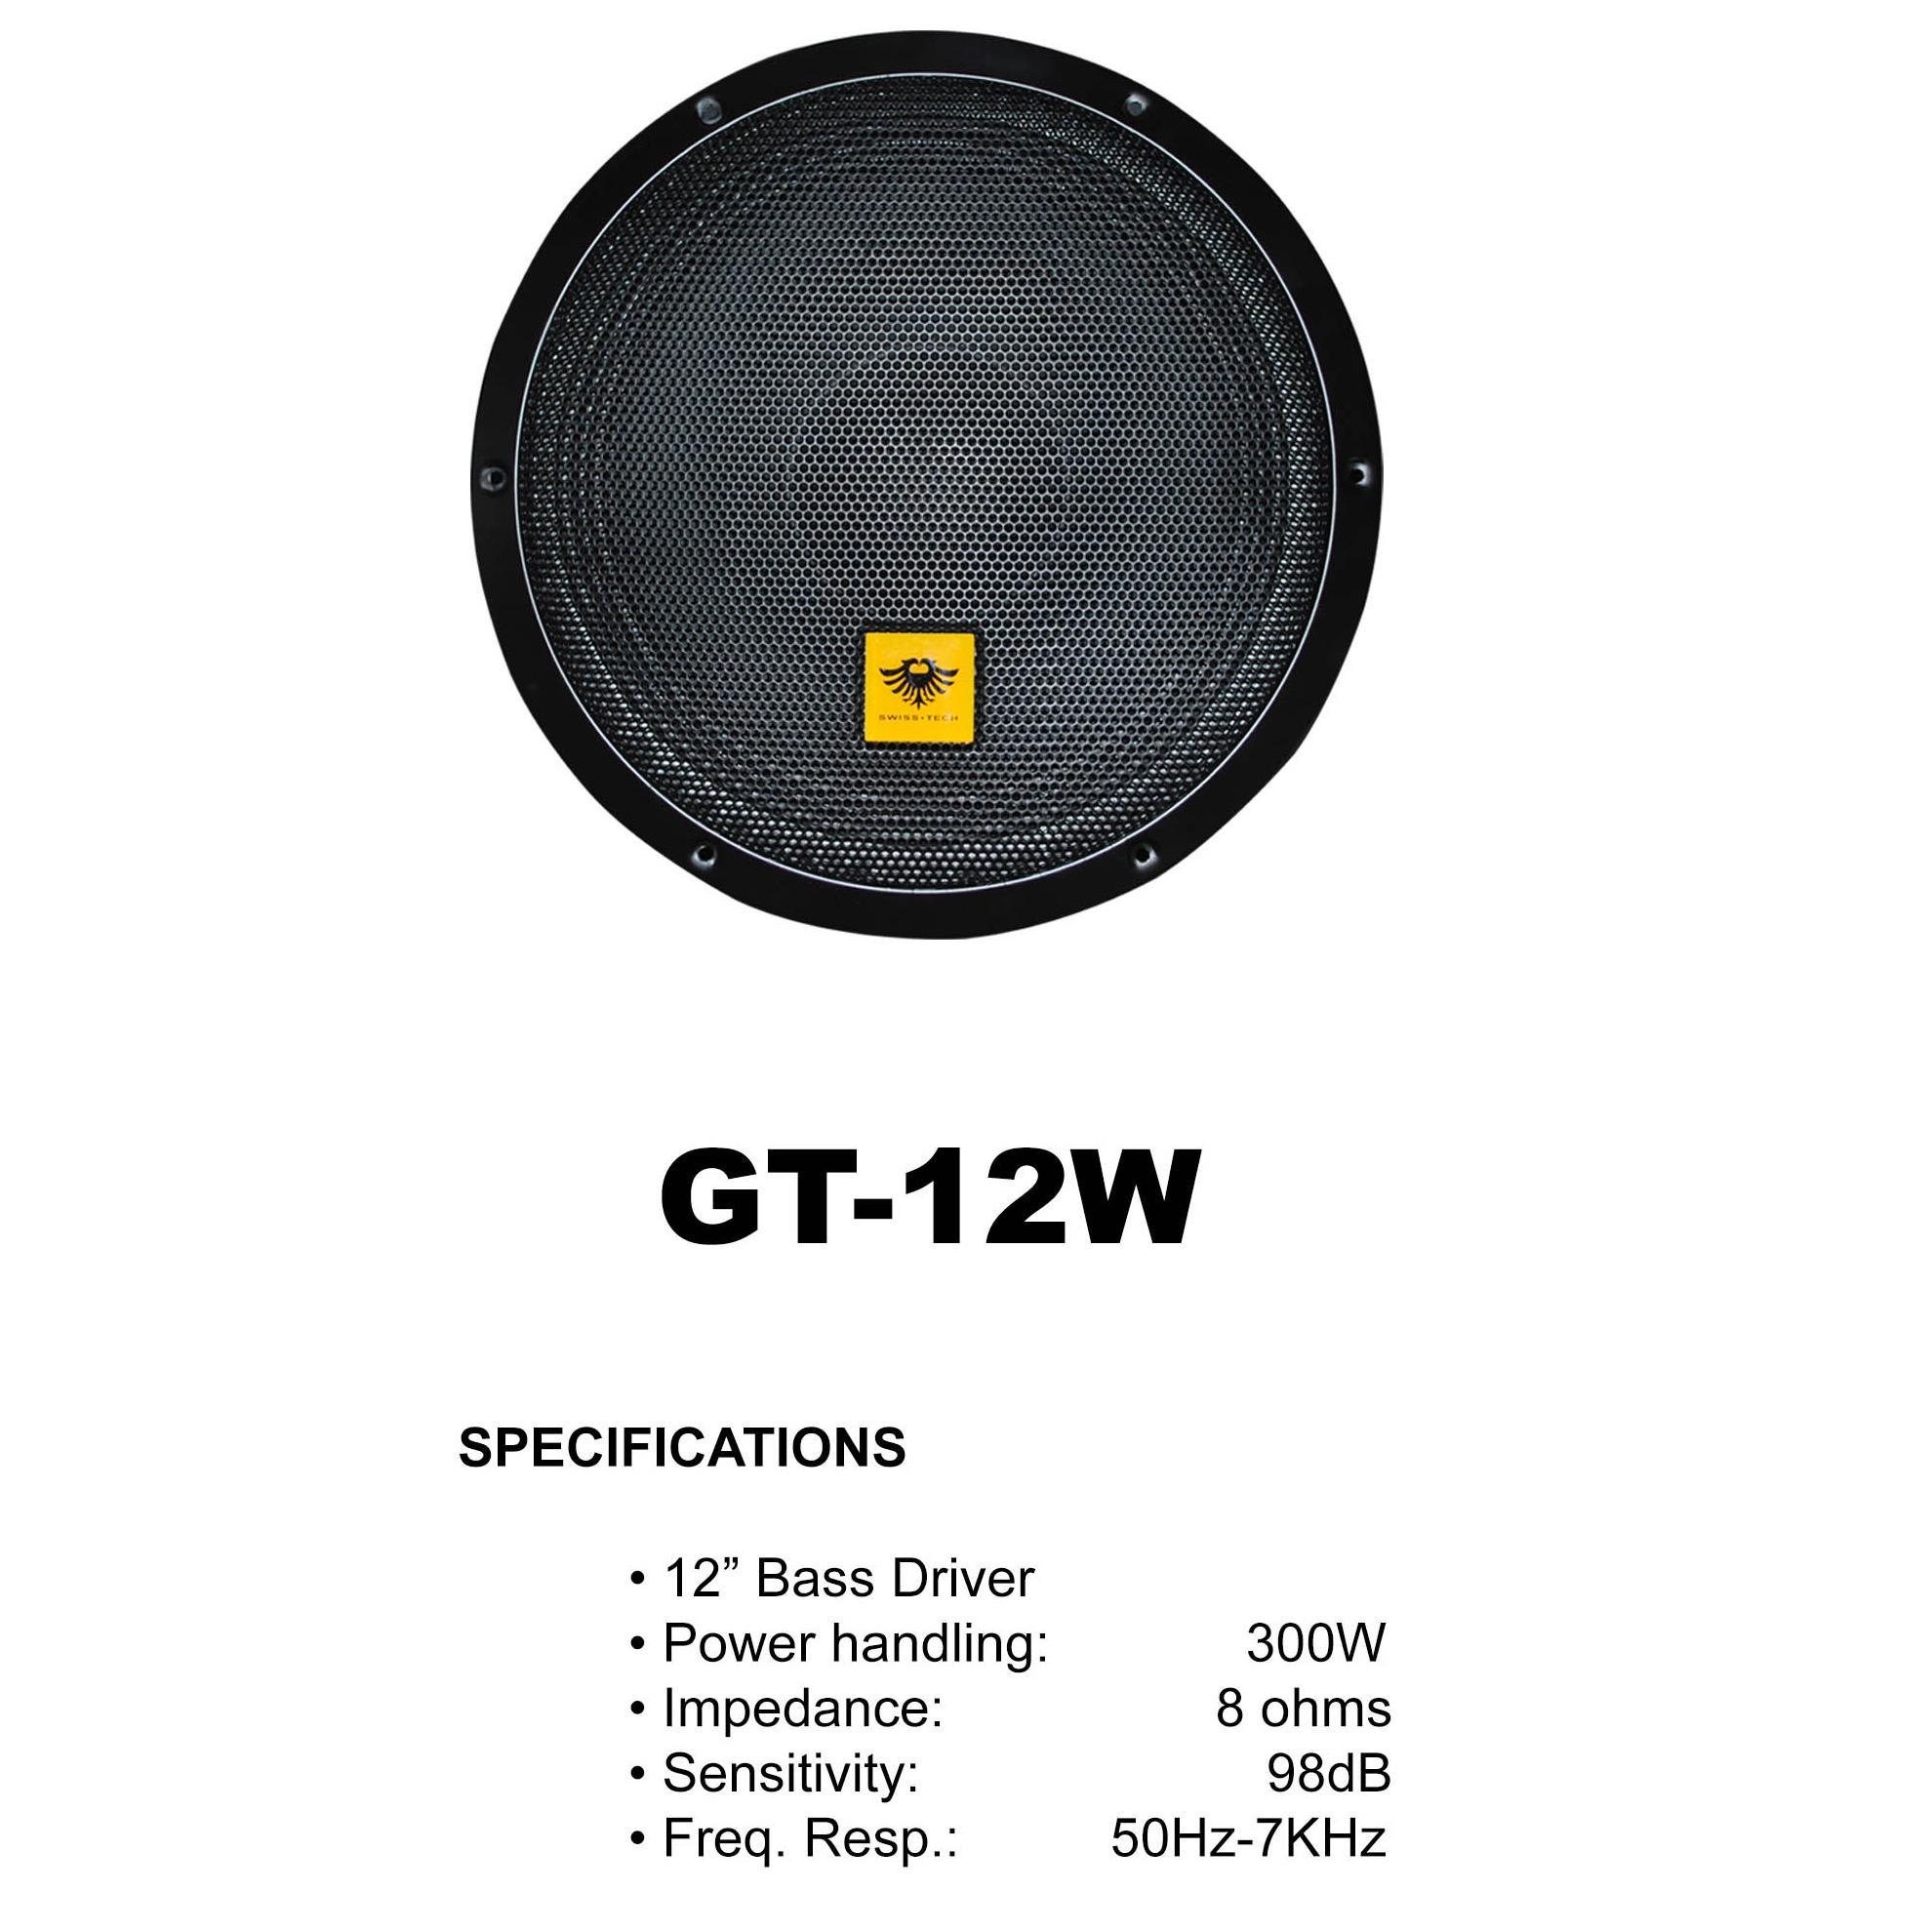 Subwoofer For Sale Speaker Prices Brands Specs In Ev Eliminator Wiring Diagram Kevler Gt 12w 12 300w 8ohms Bass Driver